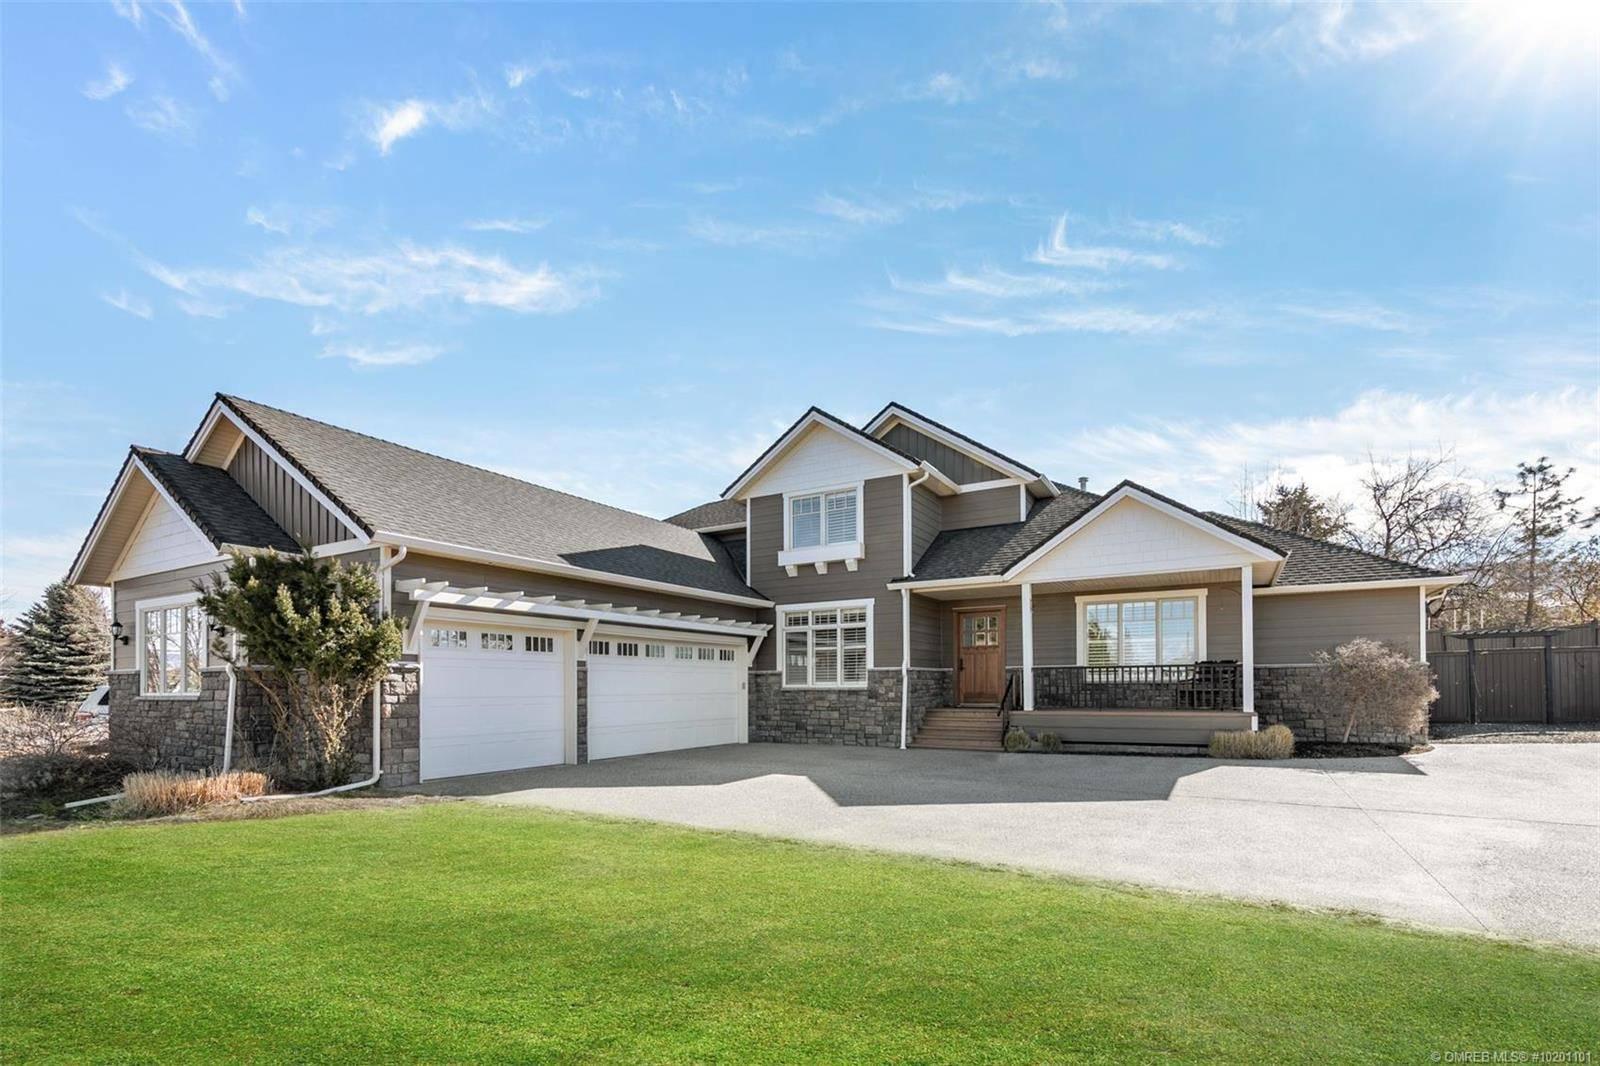 House for sale at 1511 Woodridge Rd Kelowna British Columbia - MLS: 10201101